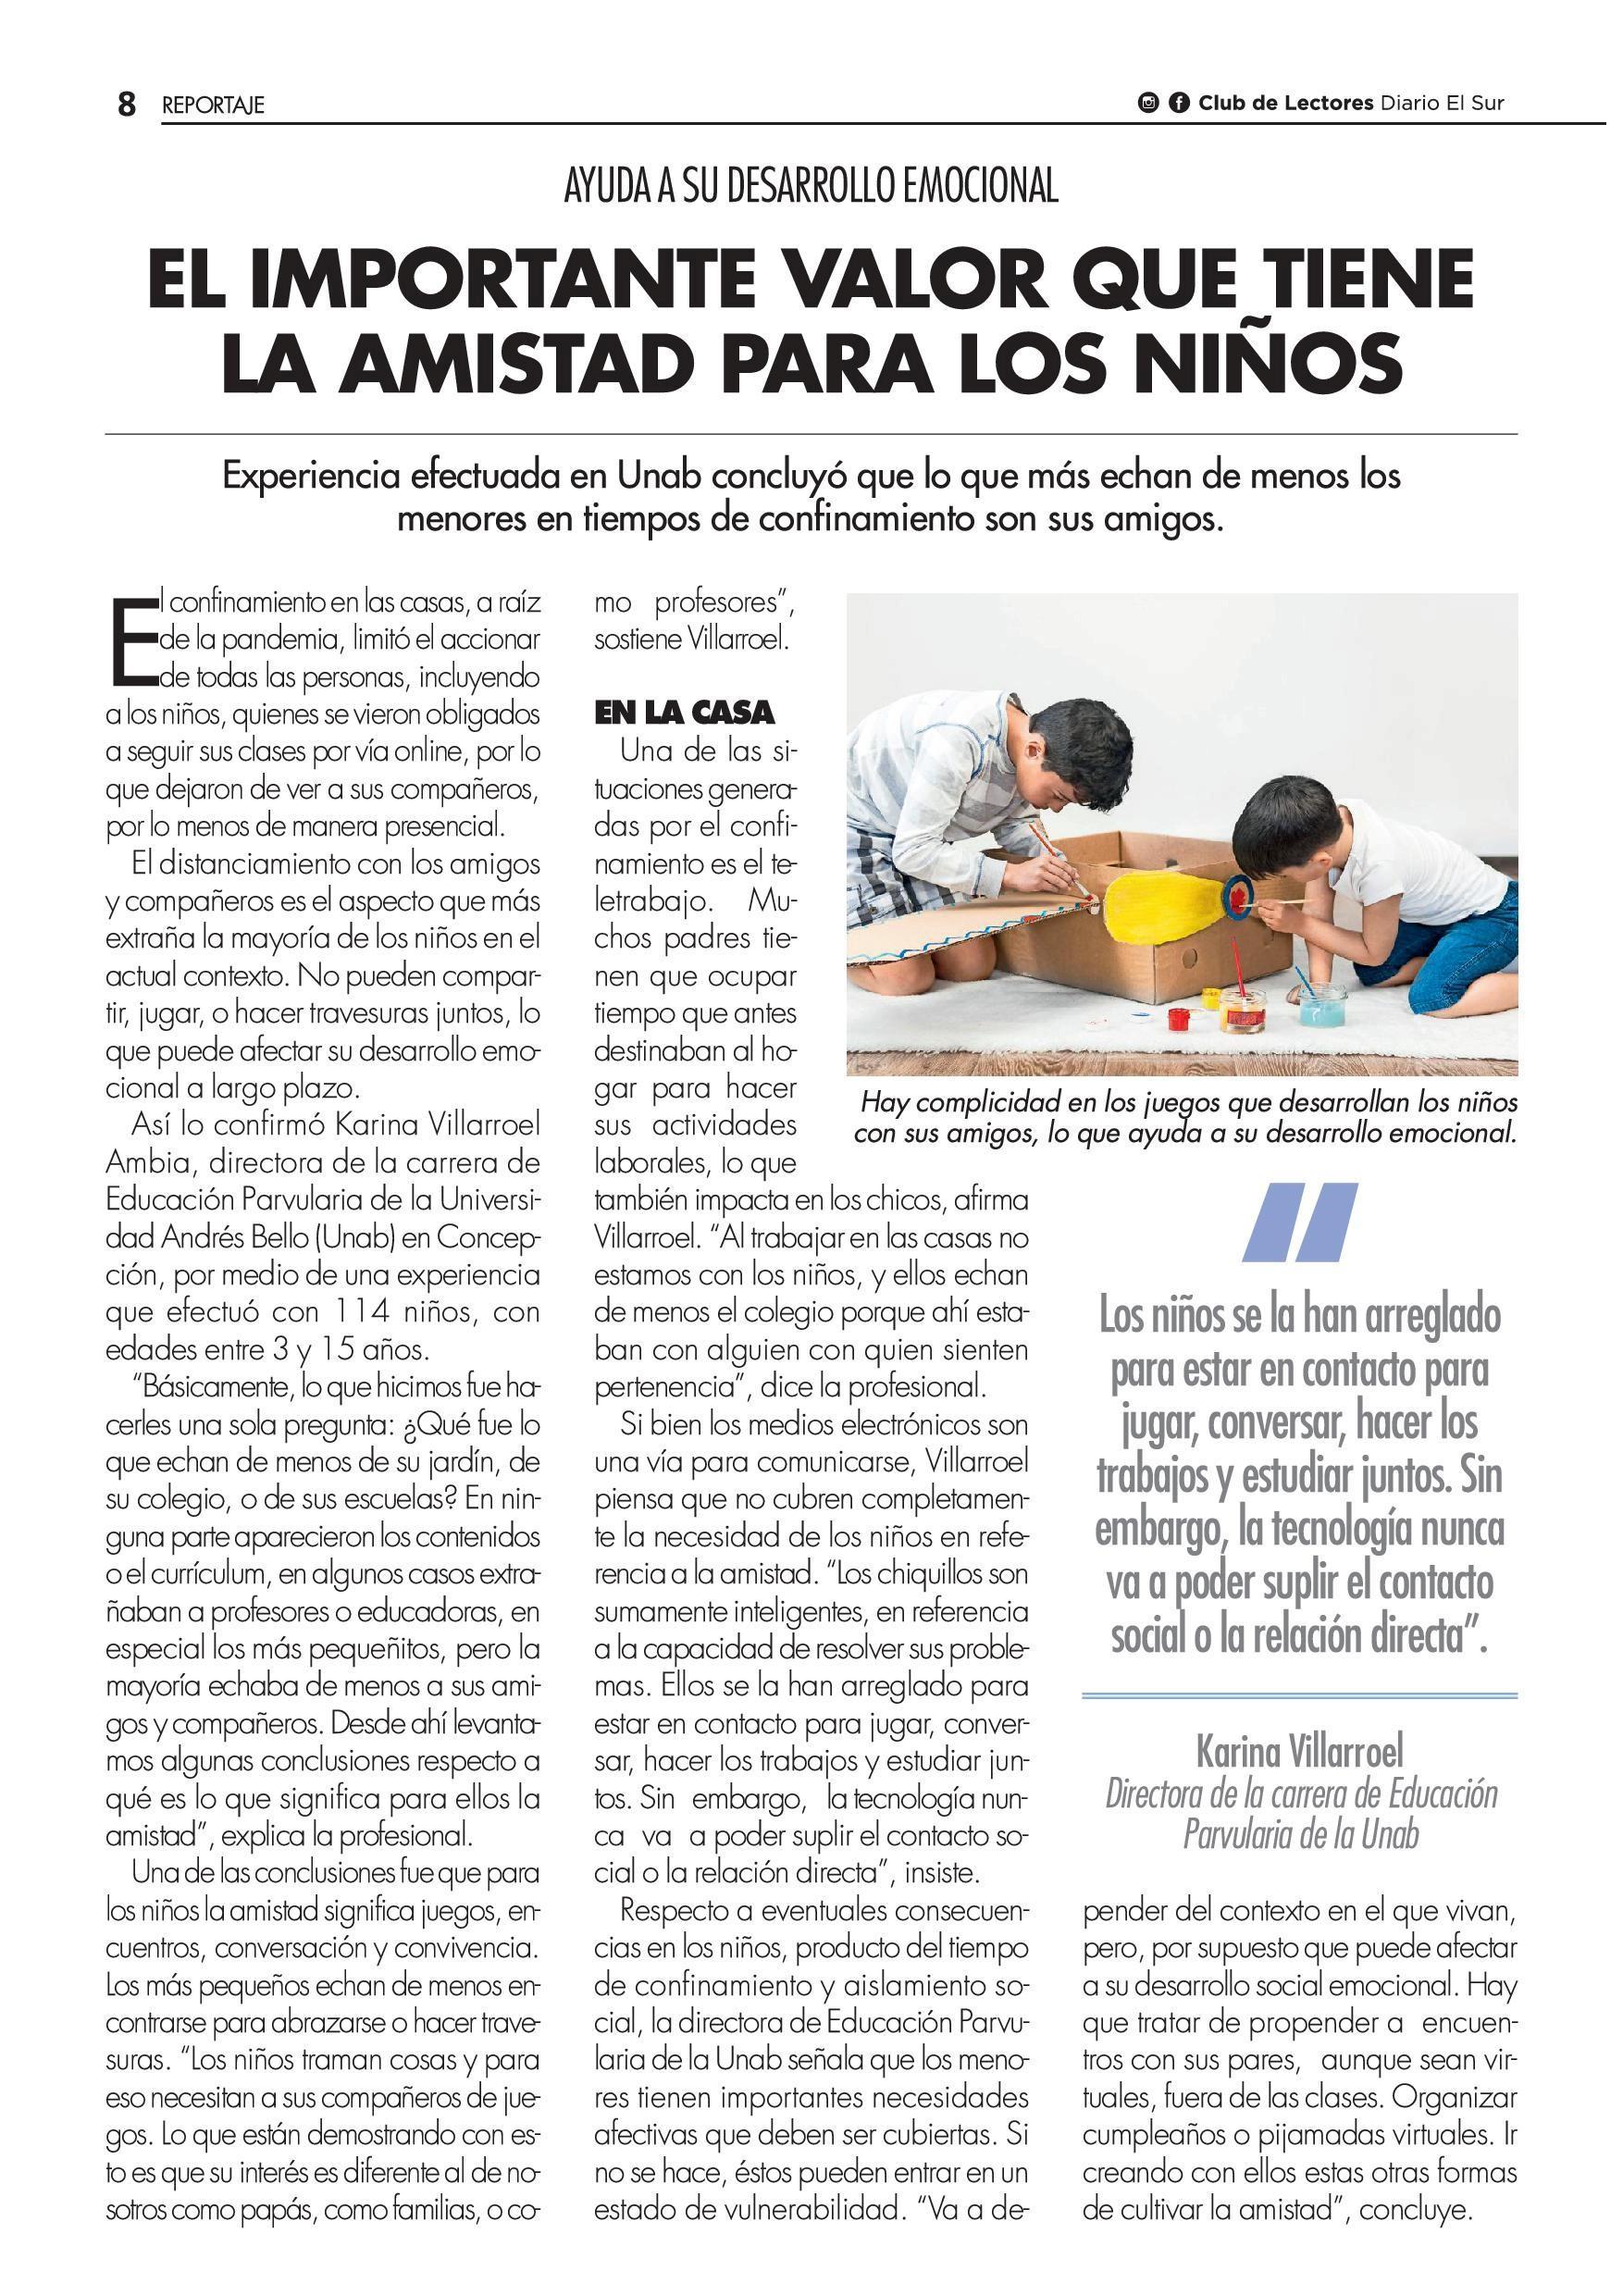 El Sur El Importante Valor Que Tiene La Amistad En Los Niños Noticias Universidad Andrés Bello